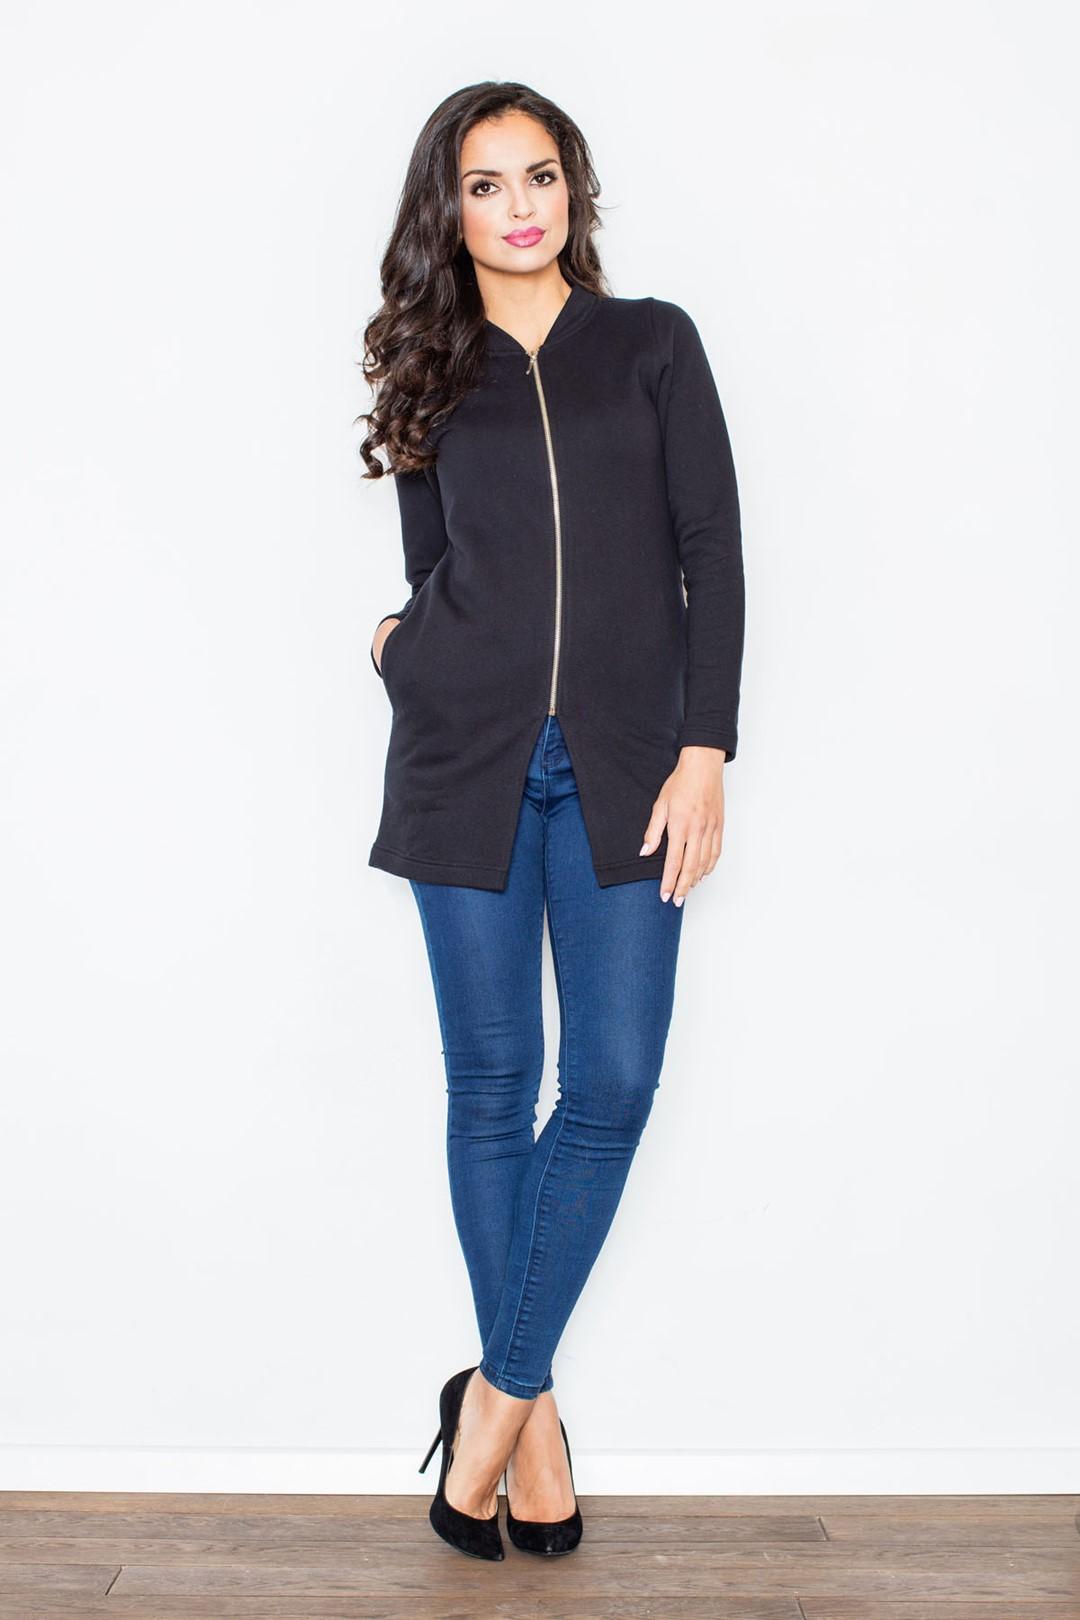 Dámský lehký kabátek na zip M336 FIGL Barva: Černá, Velikost: L